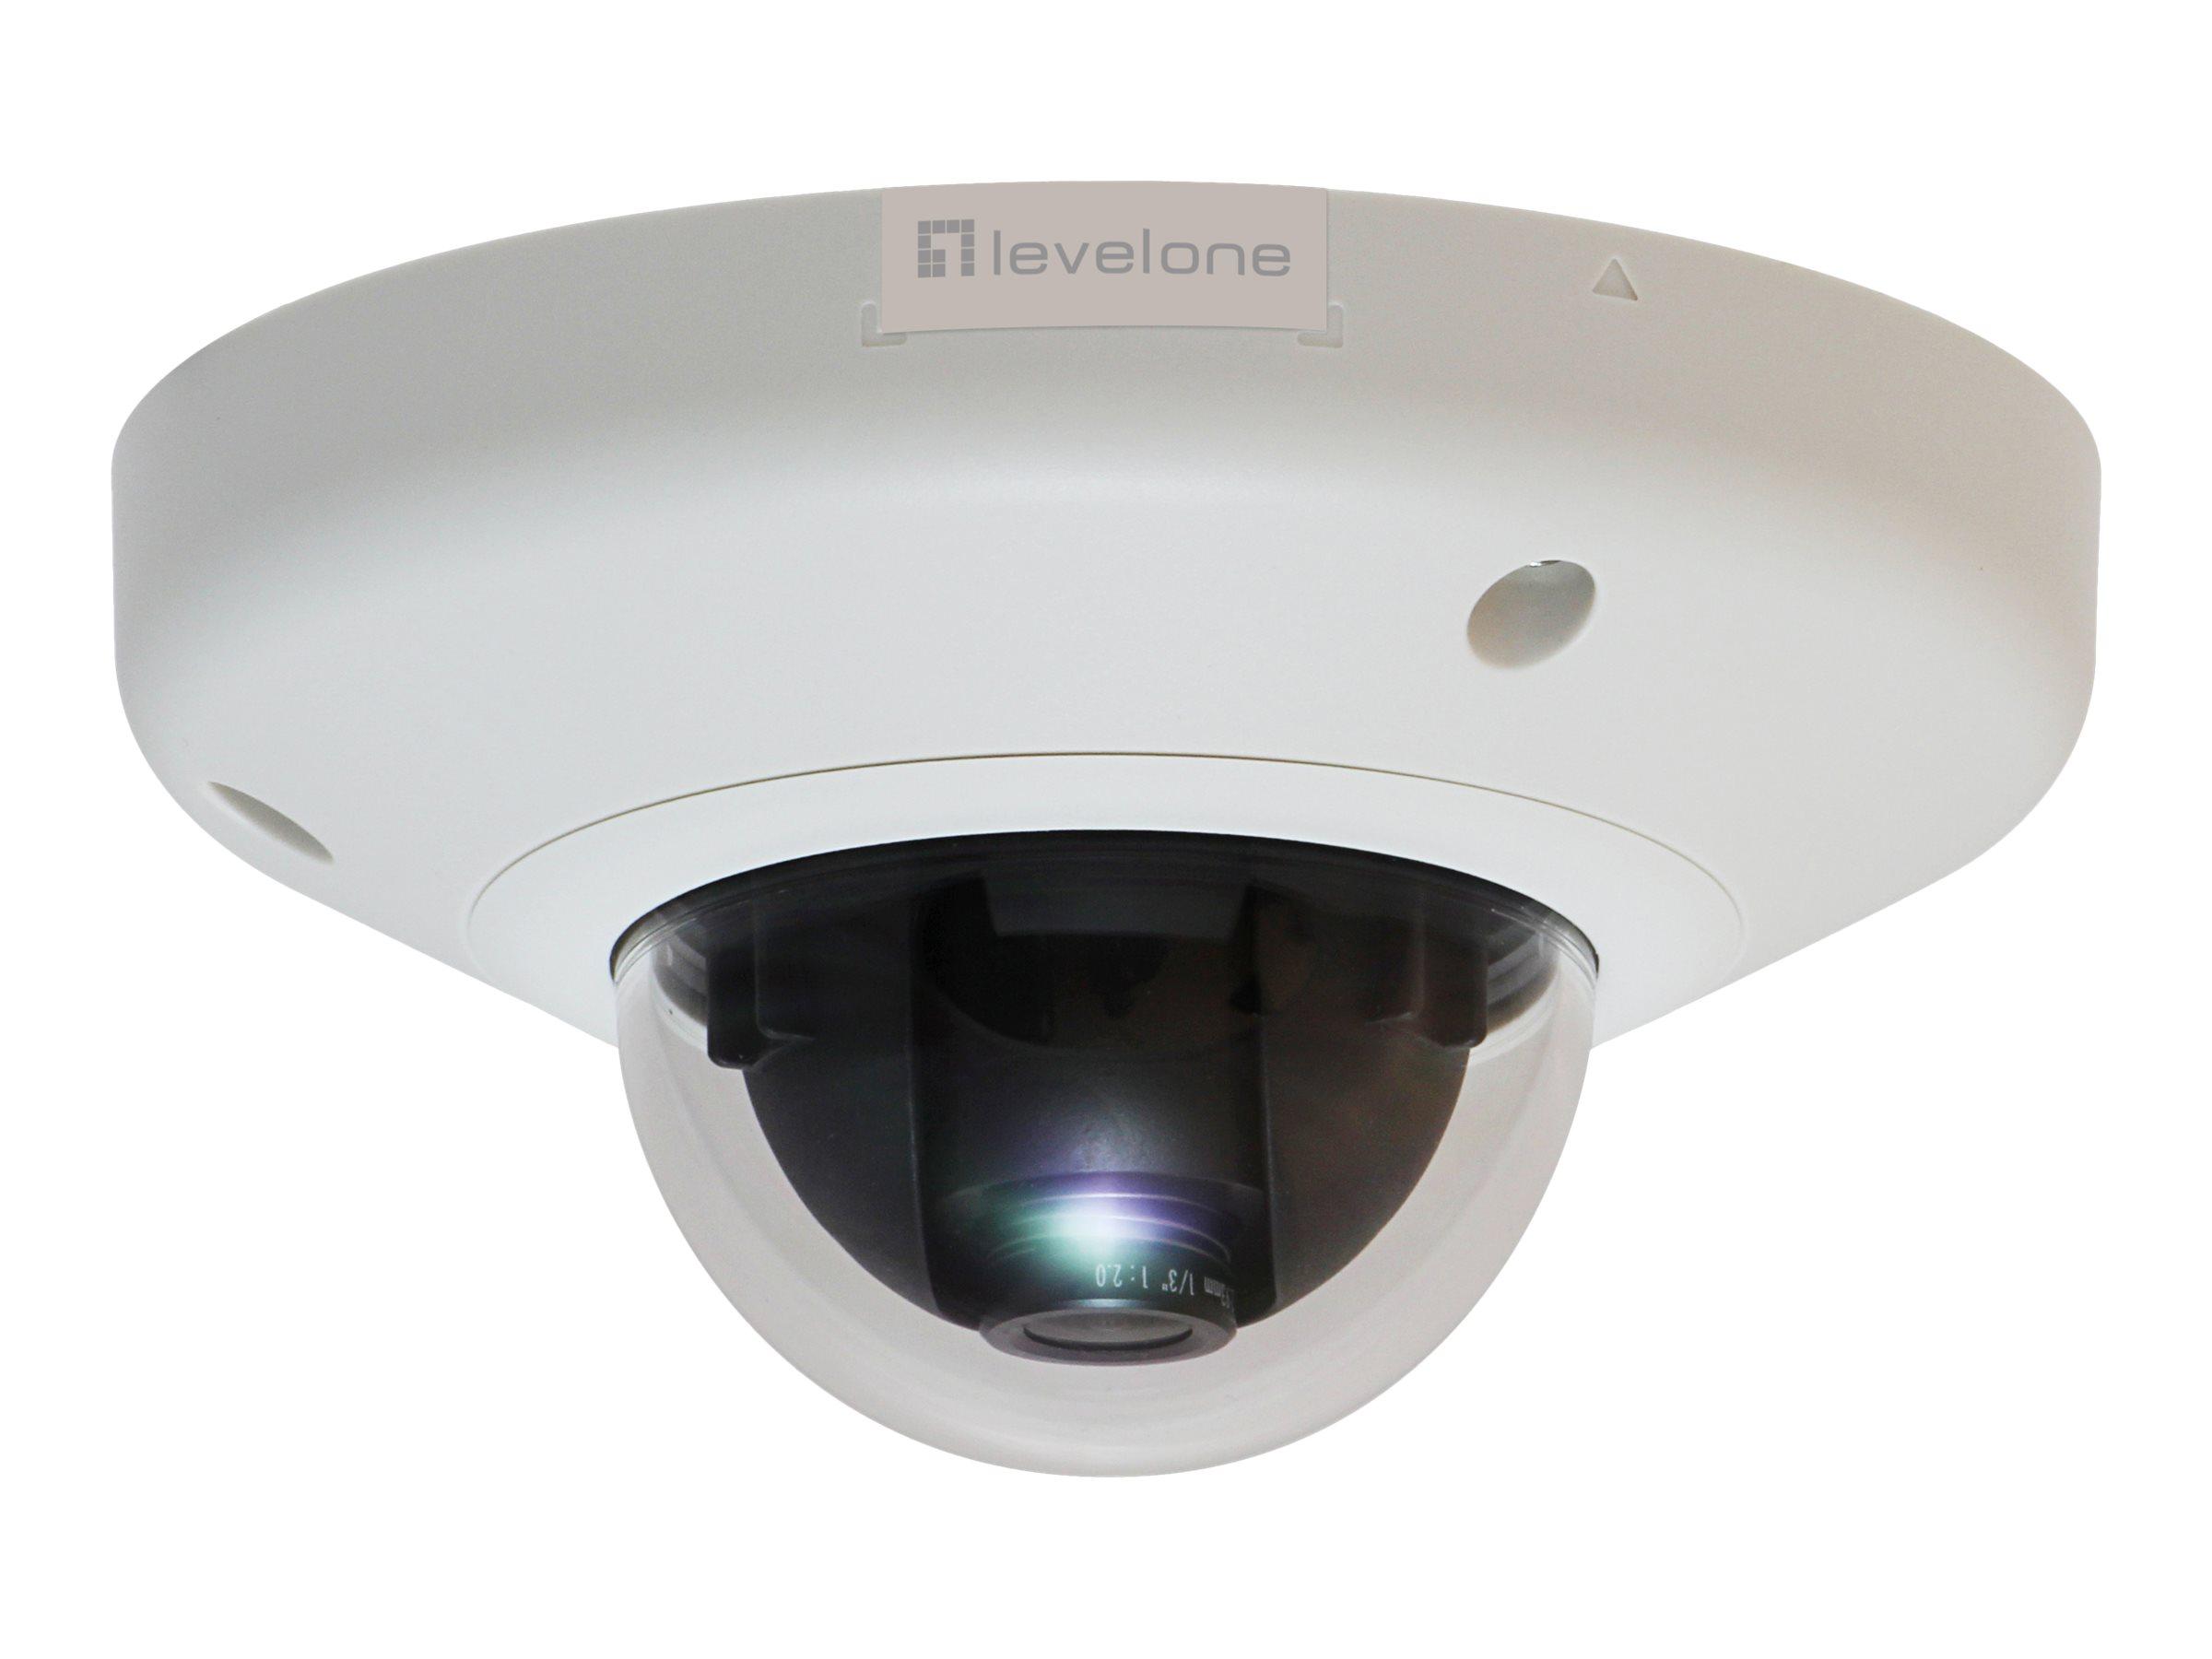 LevelOne FCS-3054 - network surveillance camera - dome